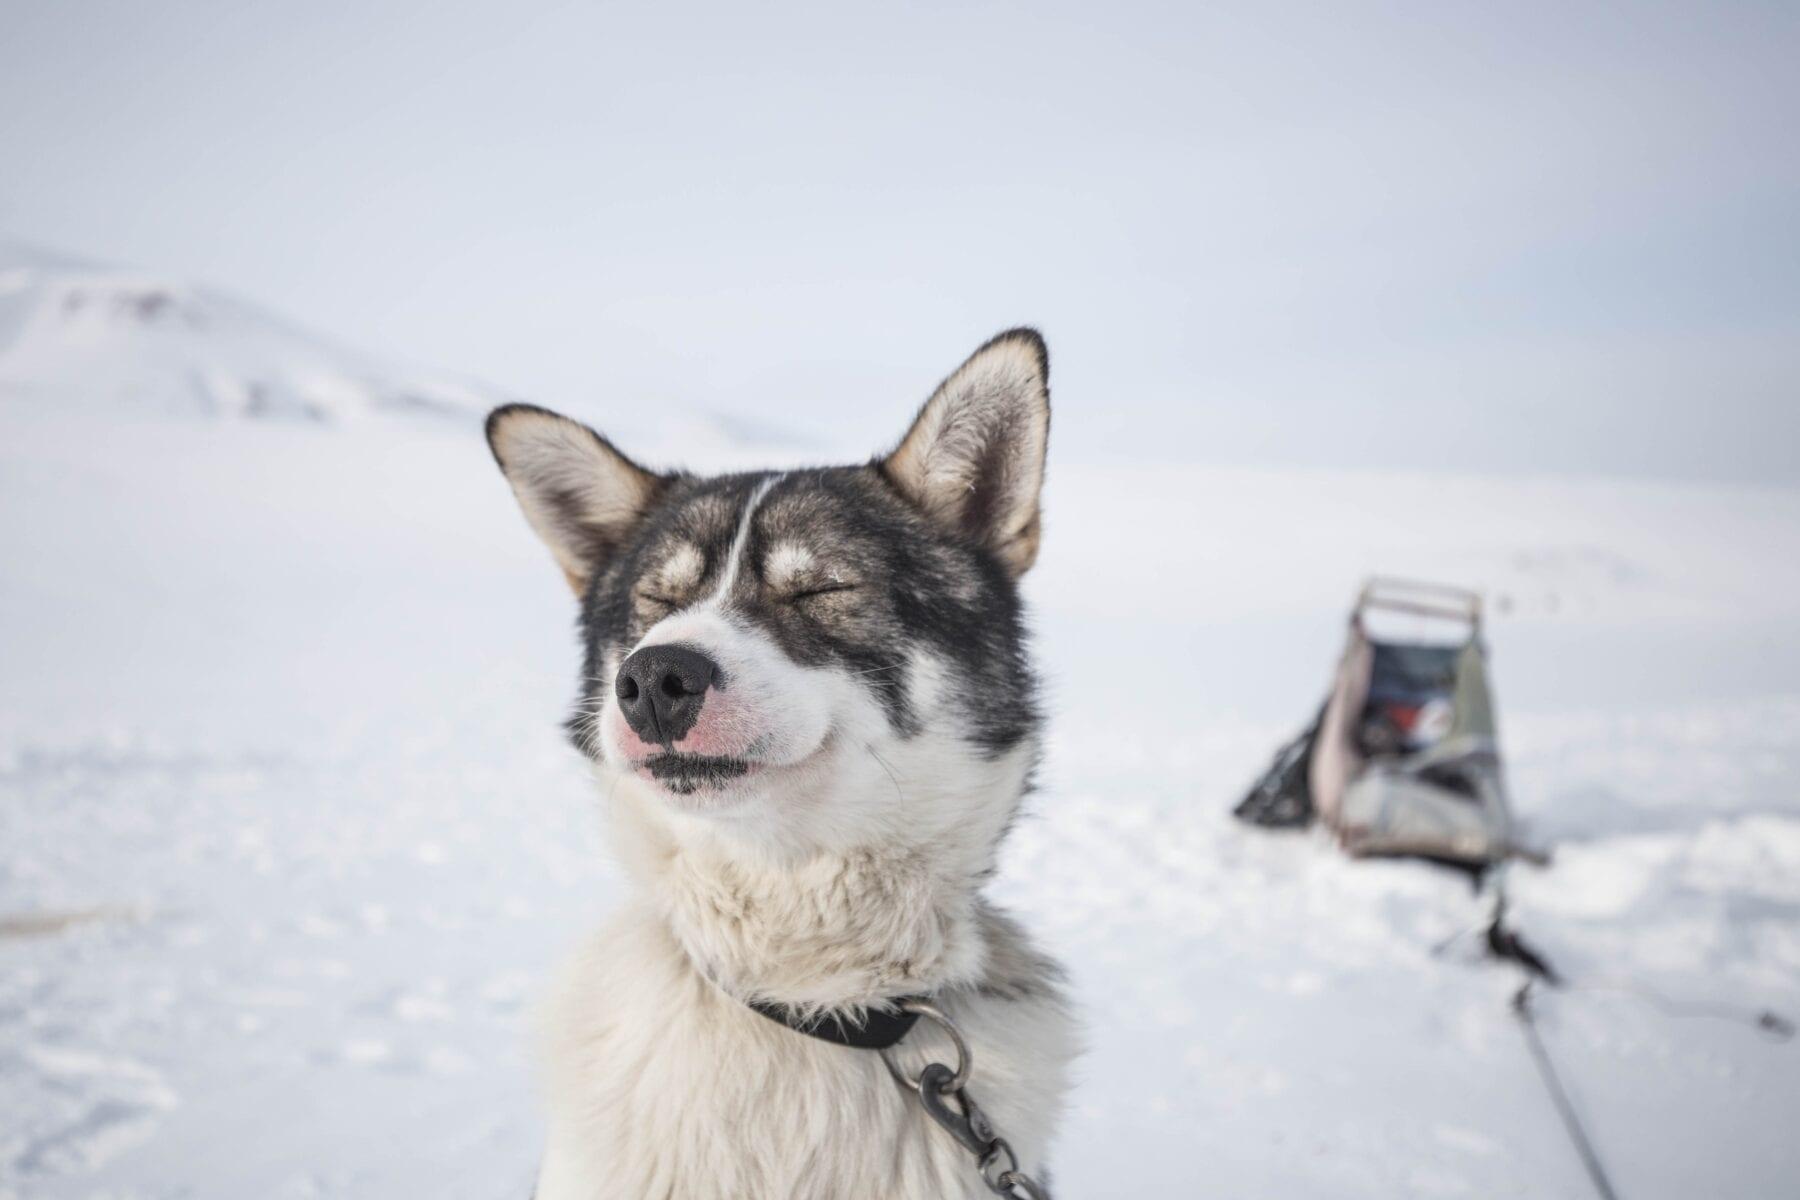 tofste wintersportactiviteiten husky